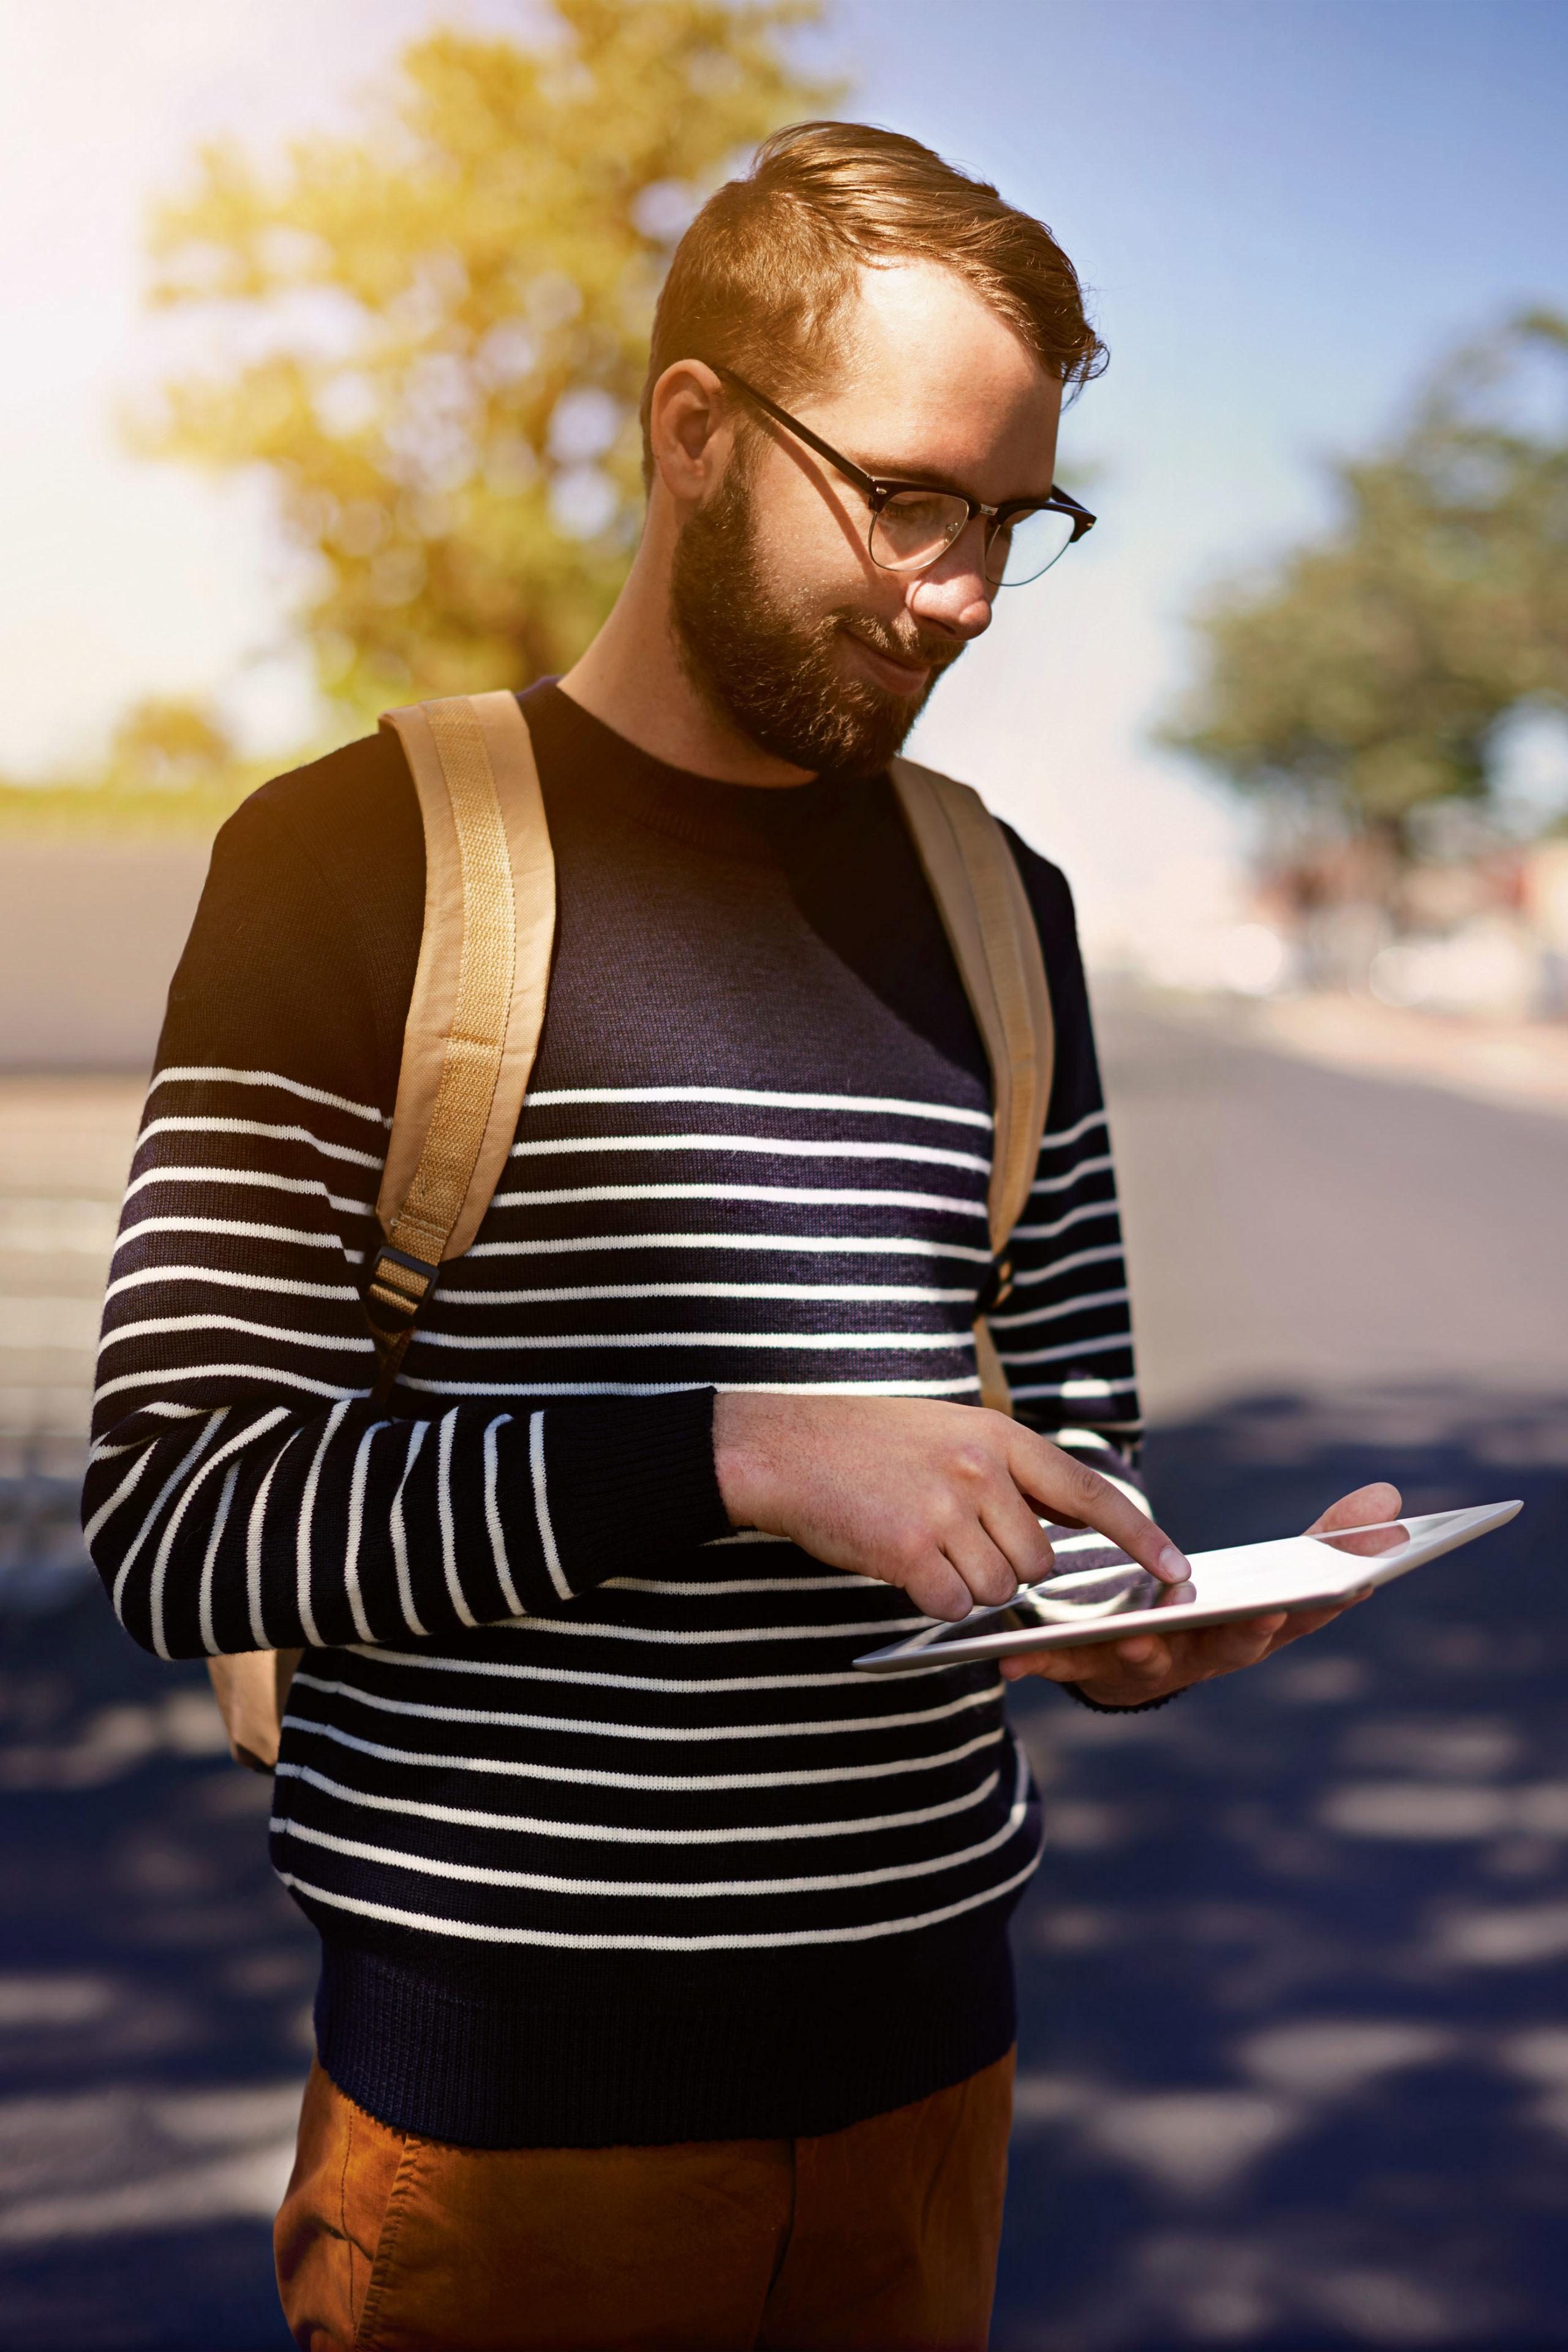 Wer möchte, behält mit dem Web-Budgetplaner auch unterwegs per Smartphone oder Tablet stets den Überblick über die eigenen Finanzen - Online-Haushaltsbücher